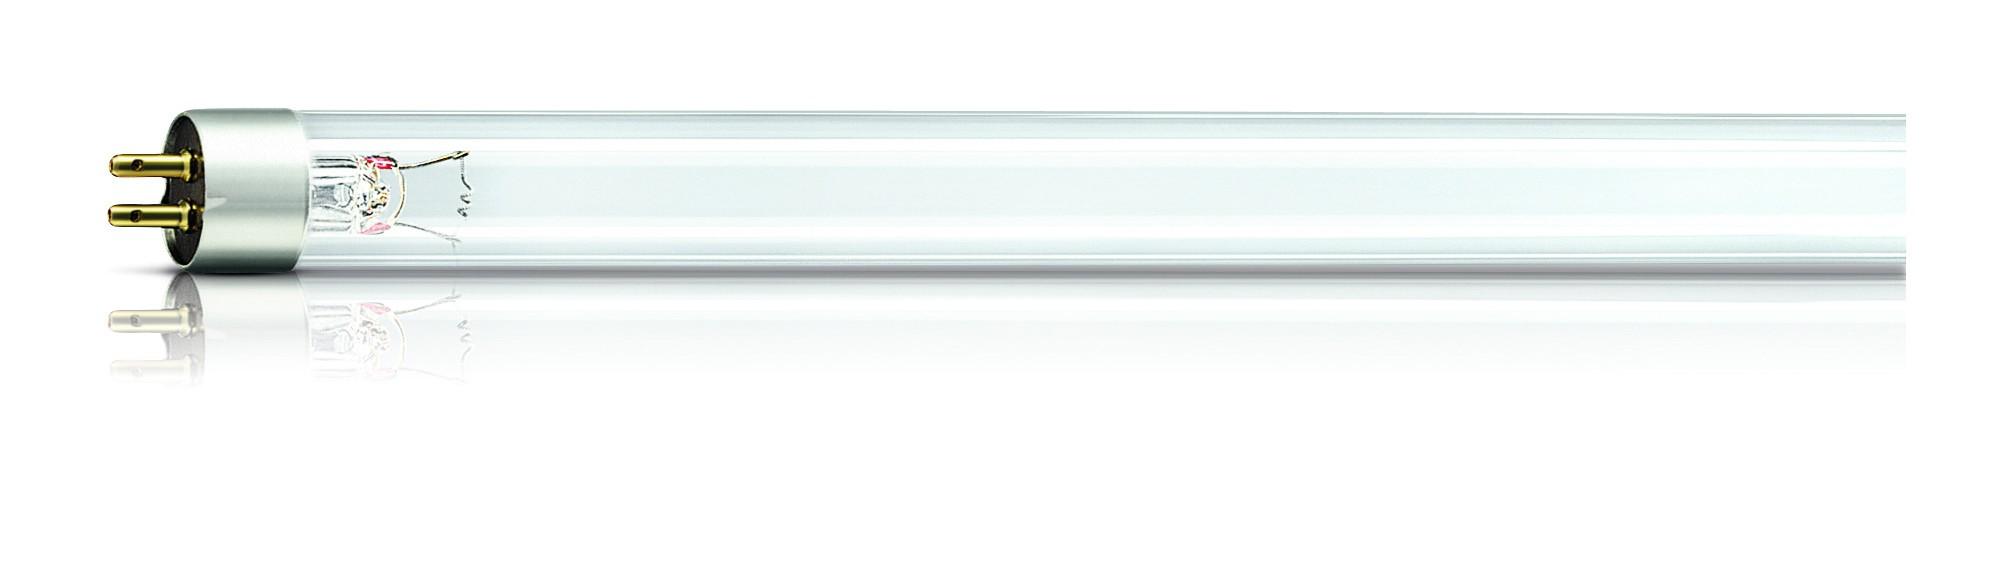 TUV 6W FAM/10X25BOX